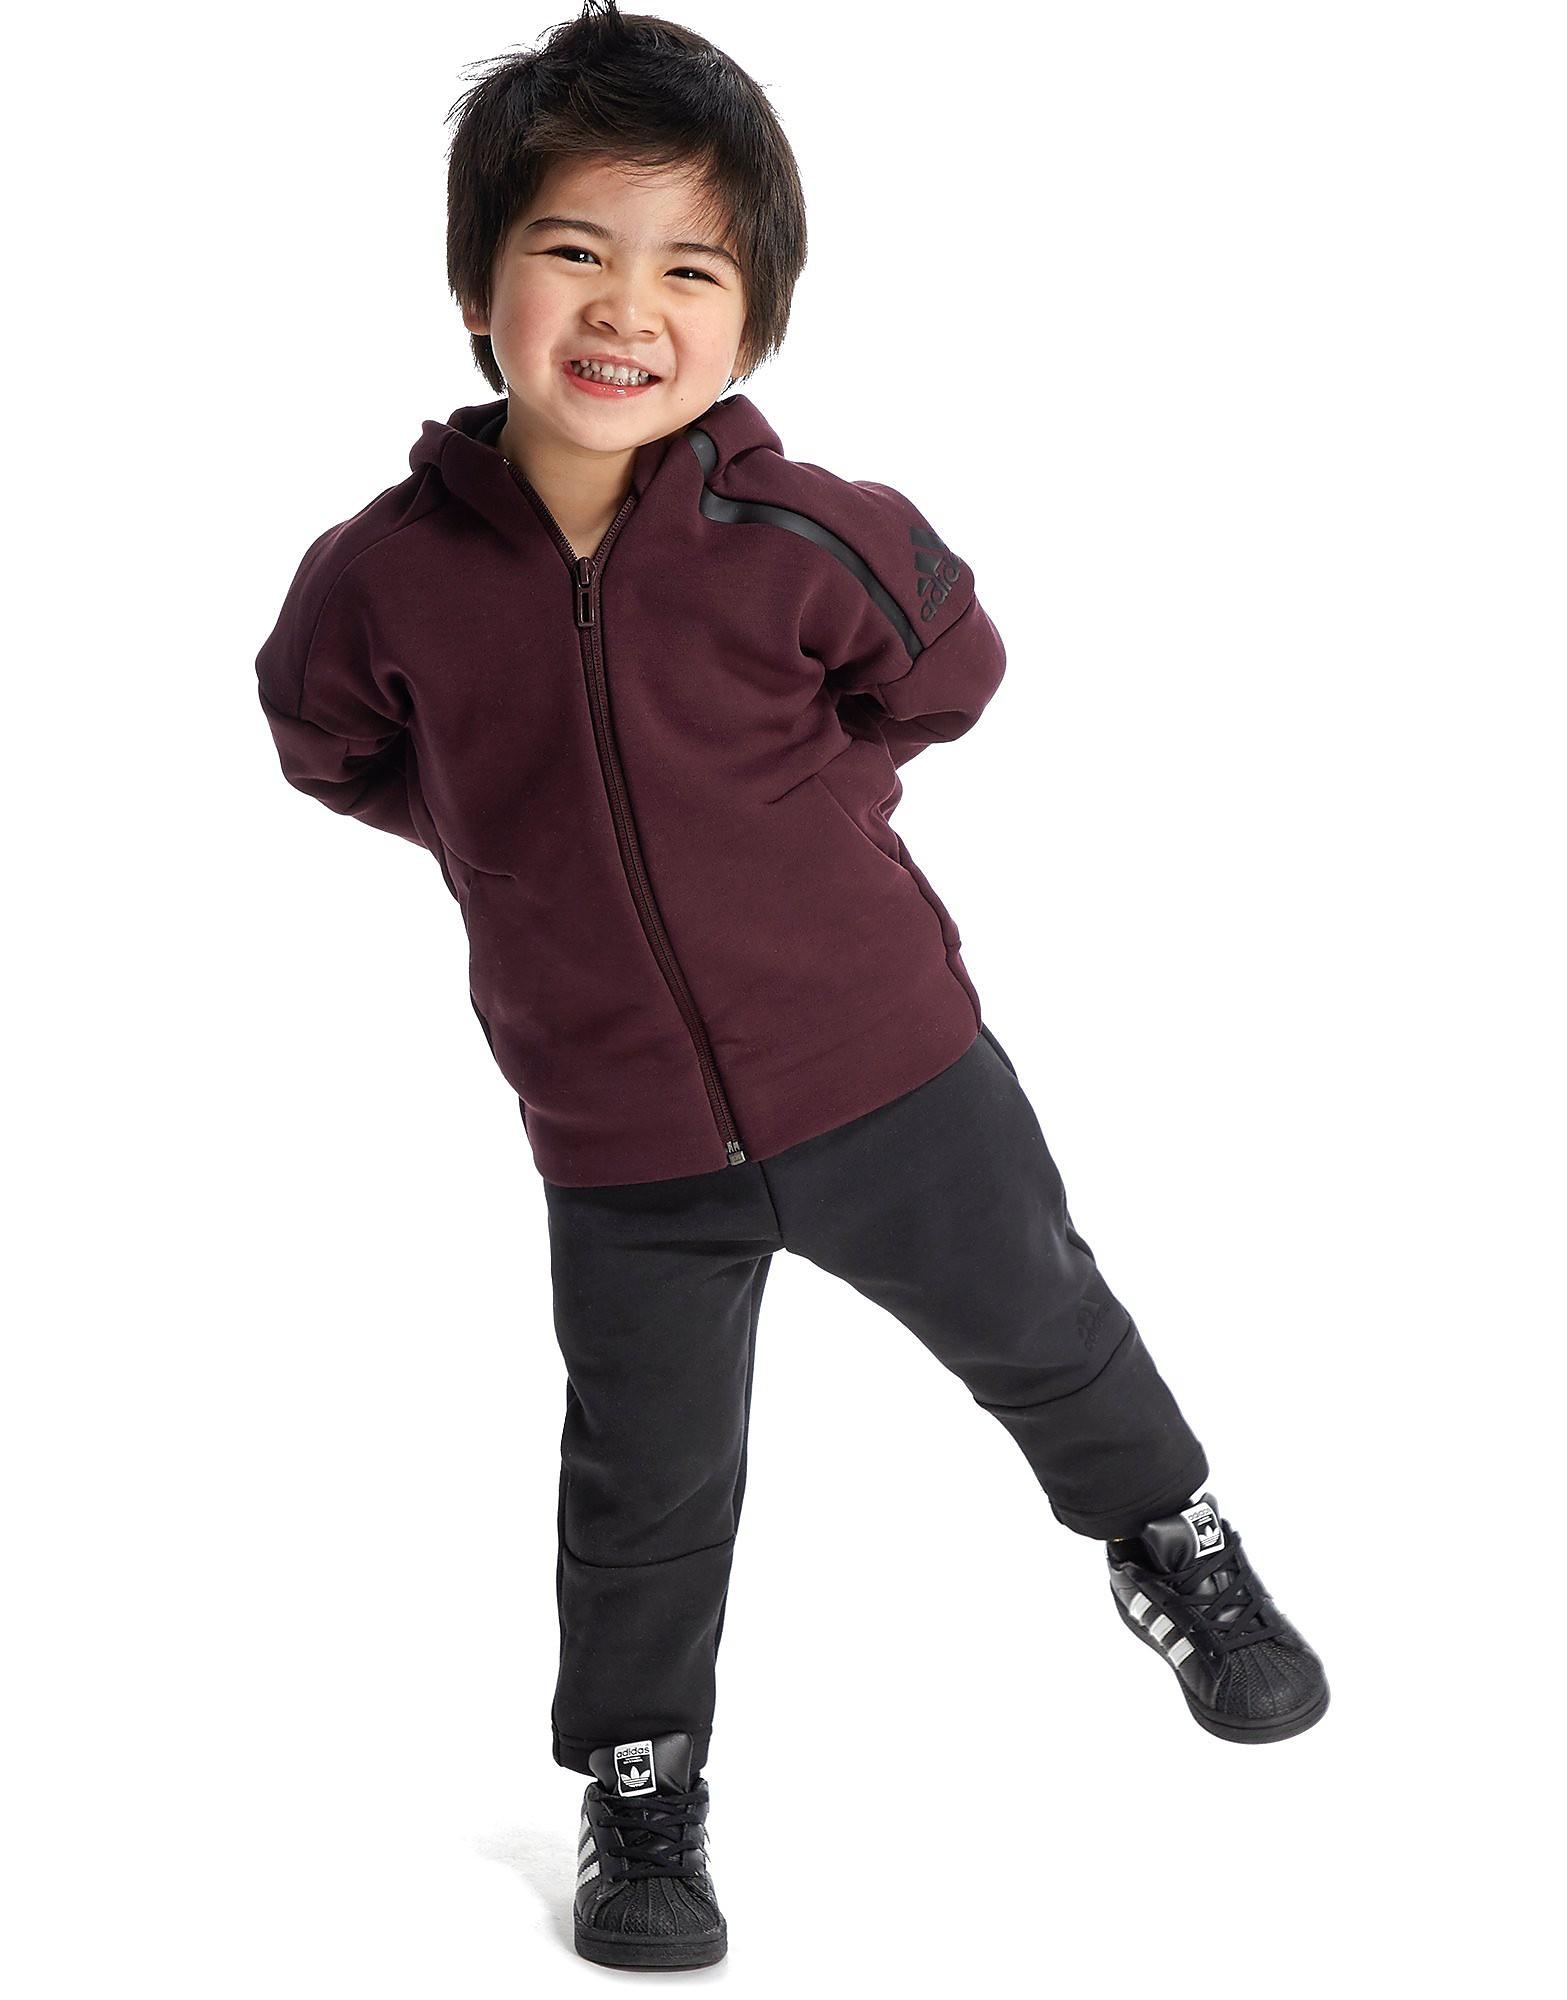 adidas Z.N.E Suit Infant